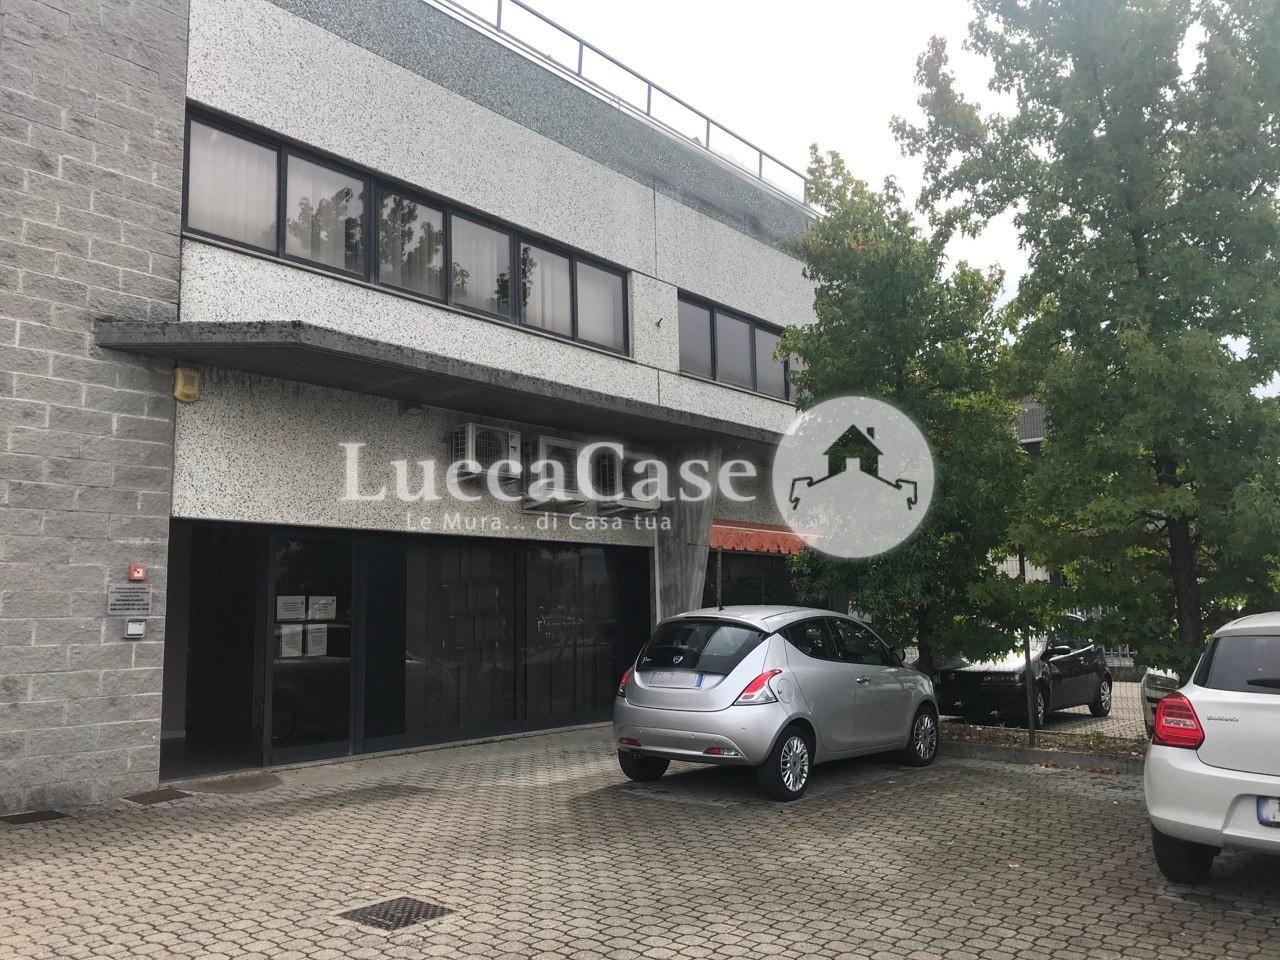 Ufficio in vendita, rif. E015S